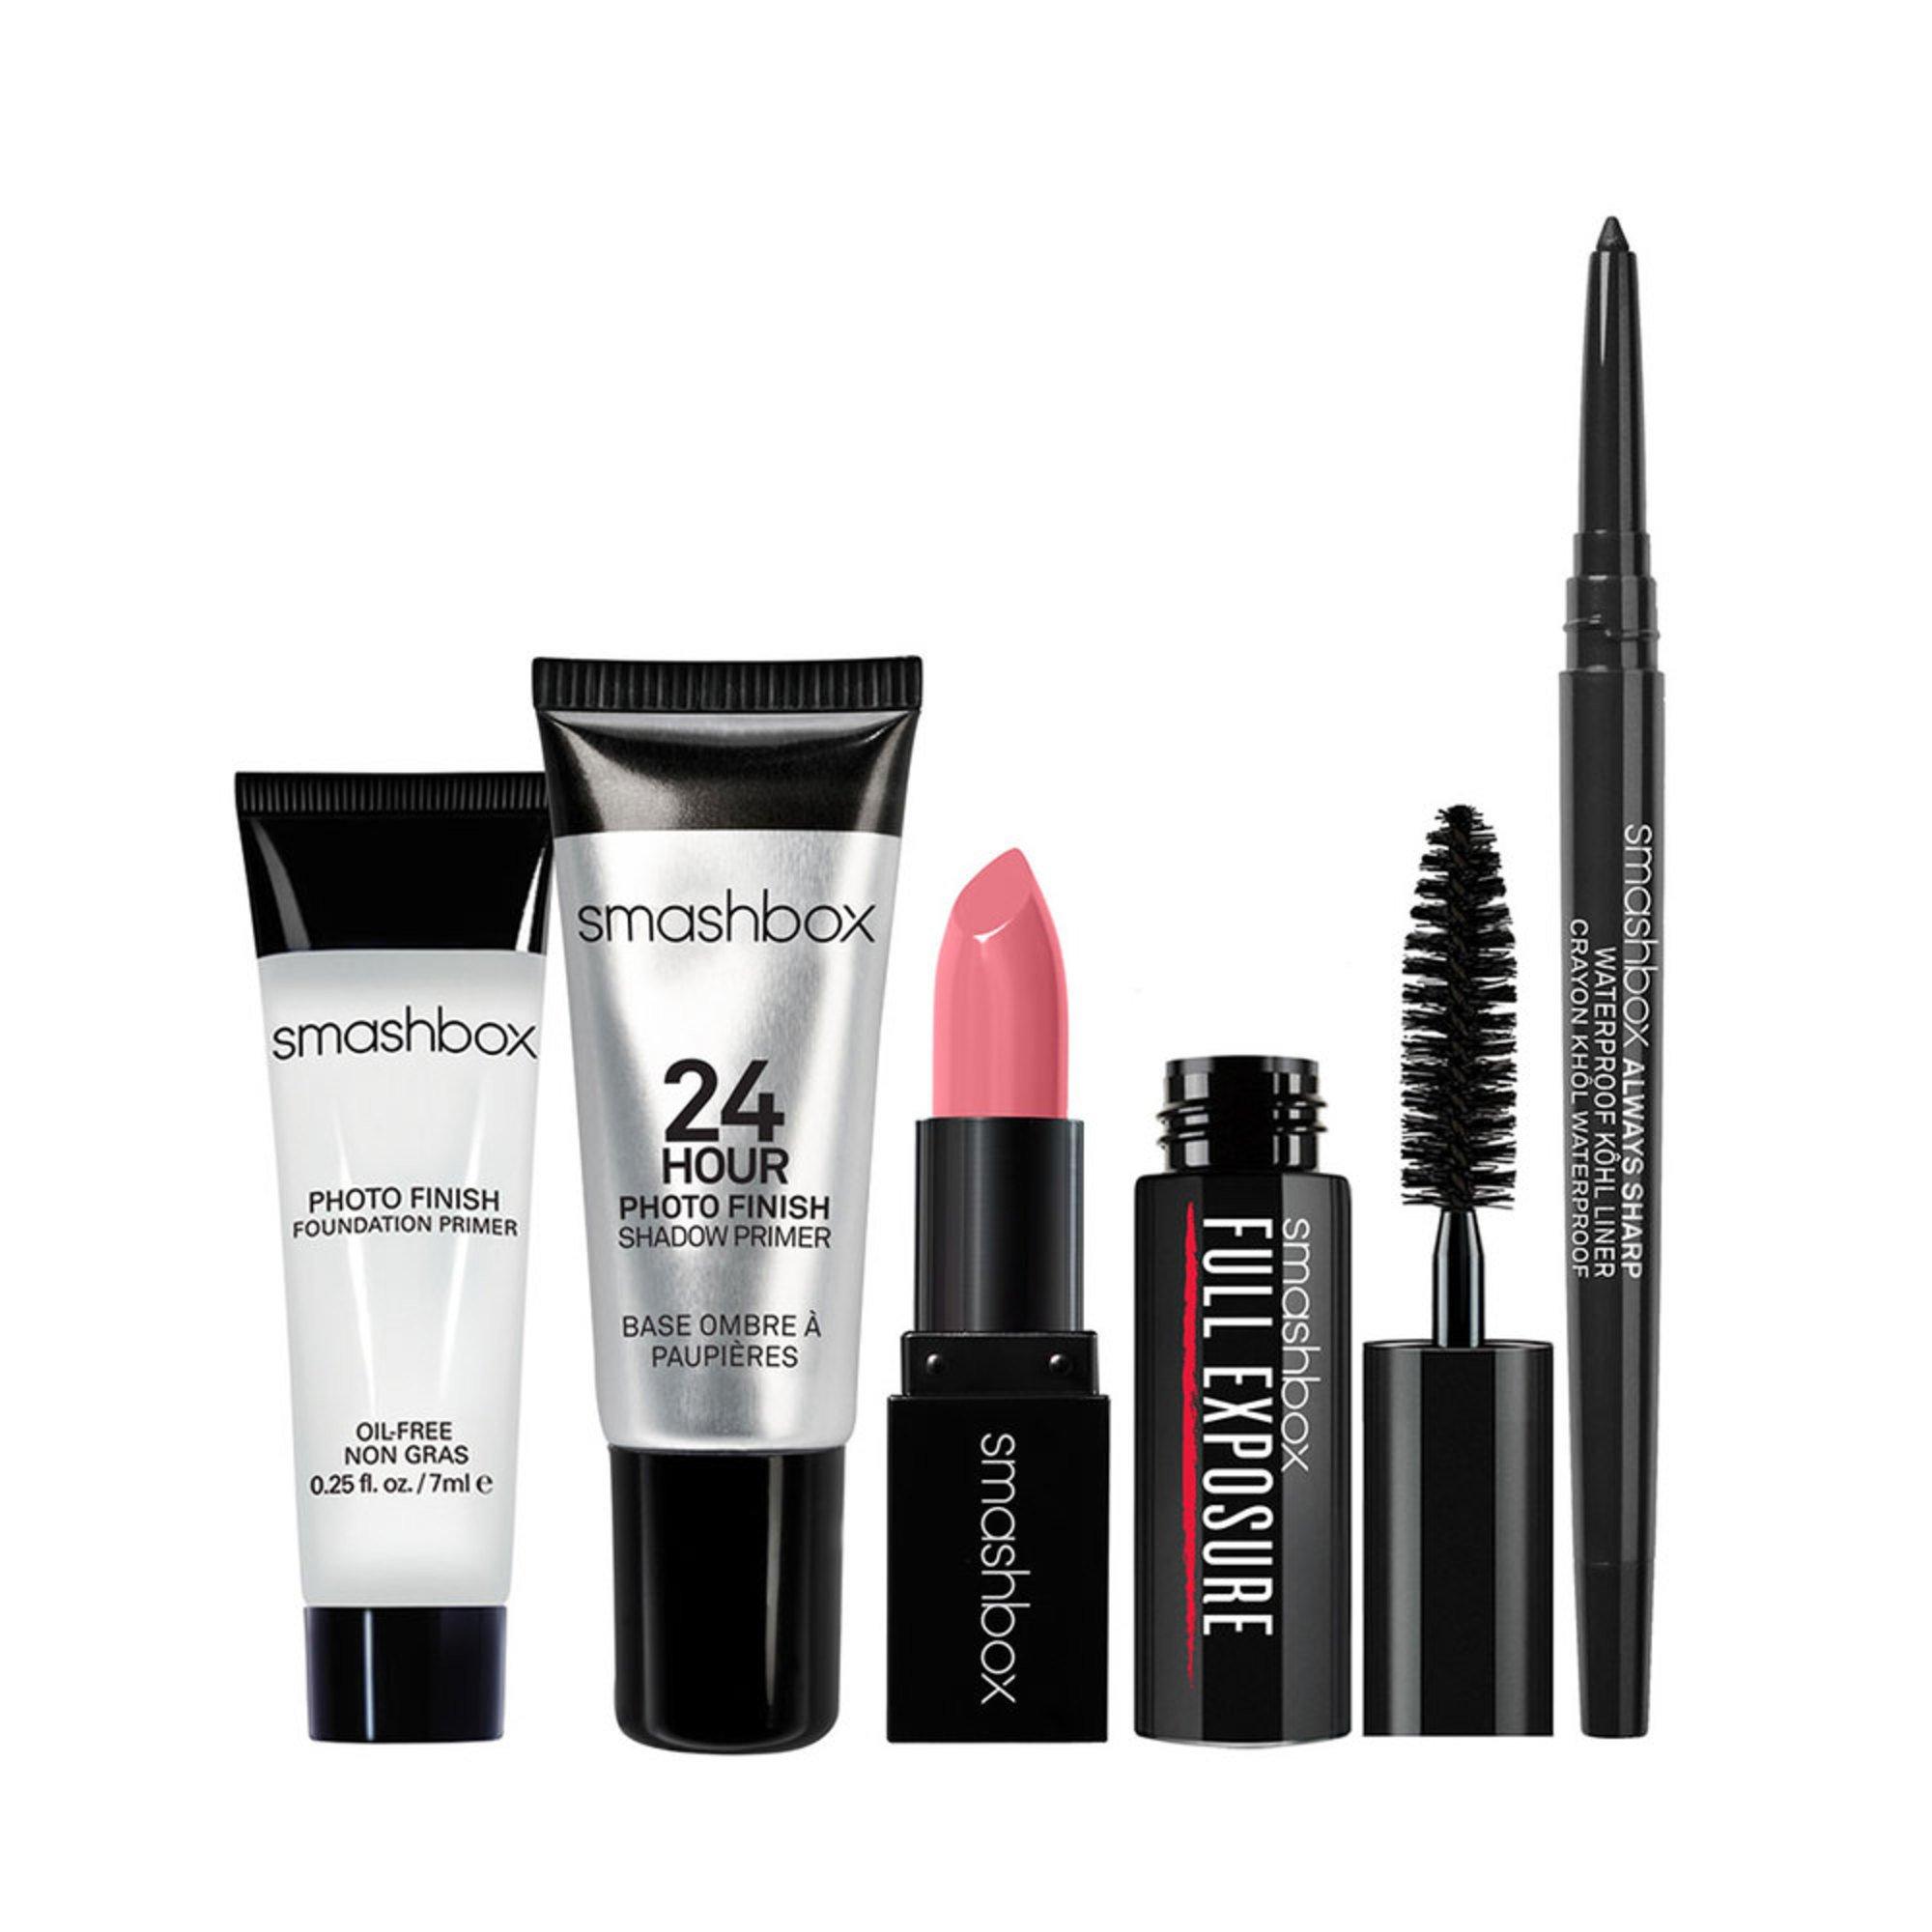 Smashbox makeup set - enterenjoying.ml